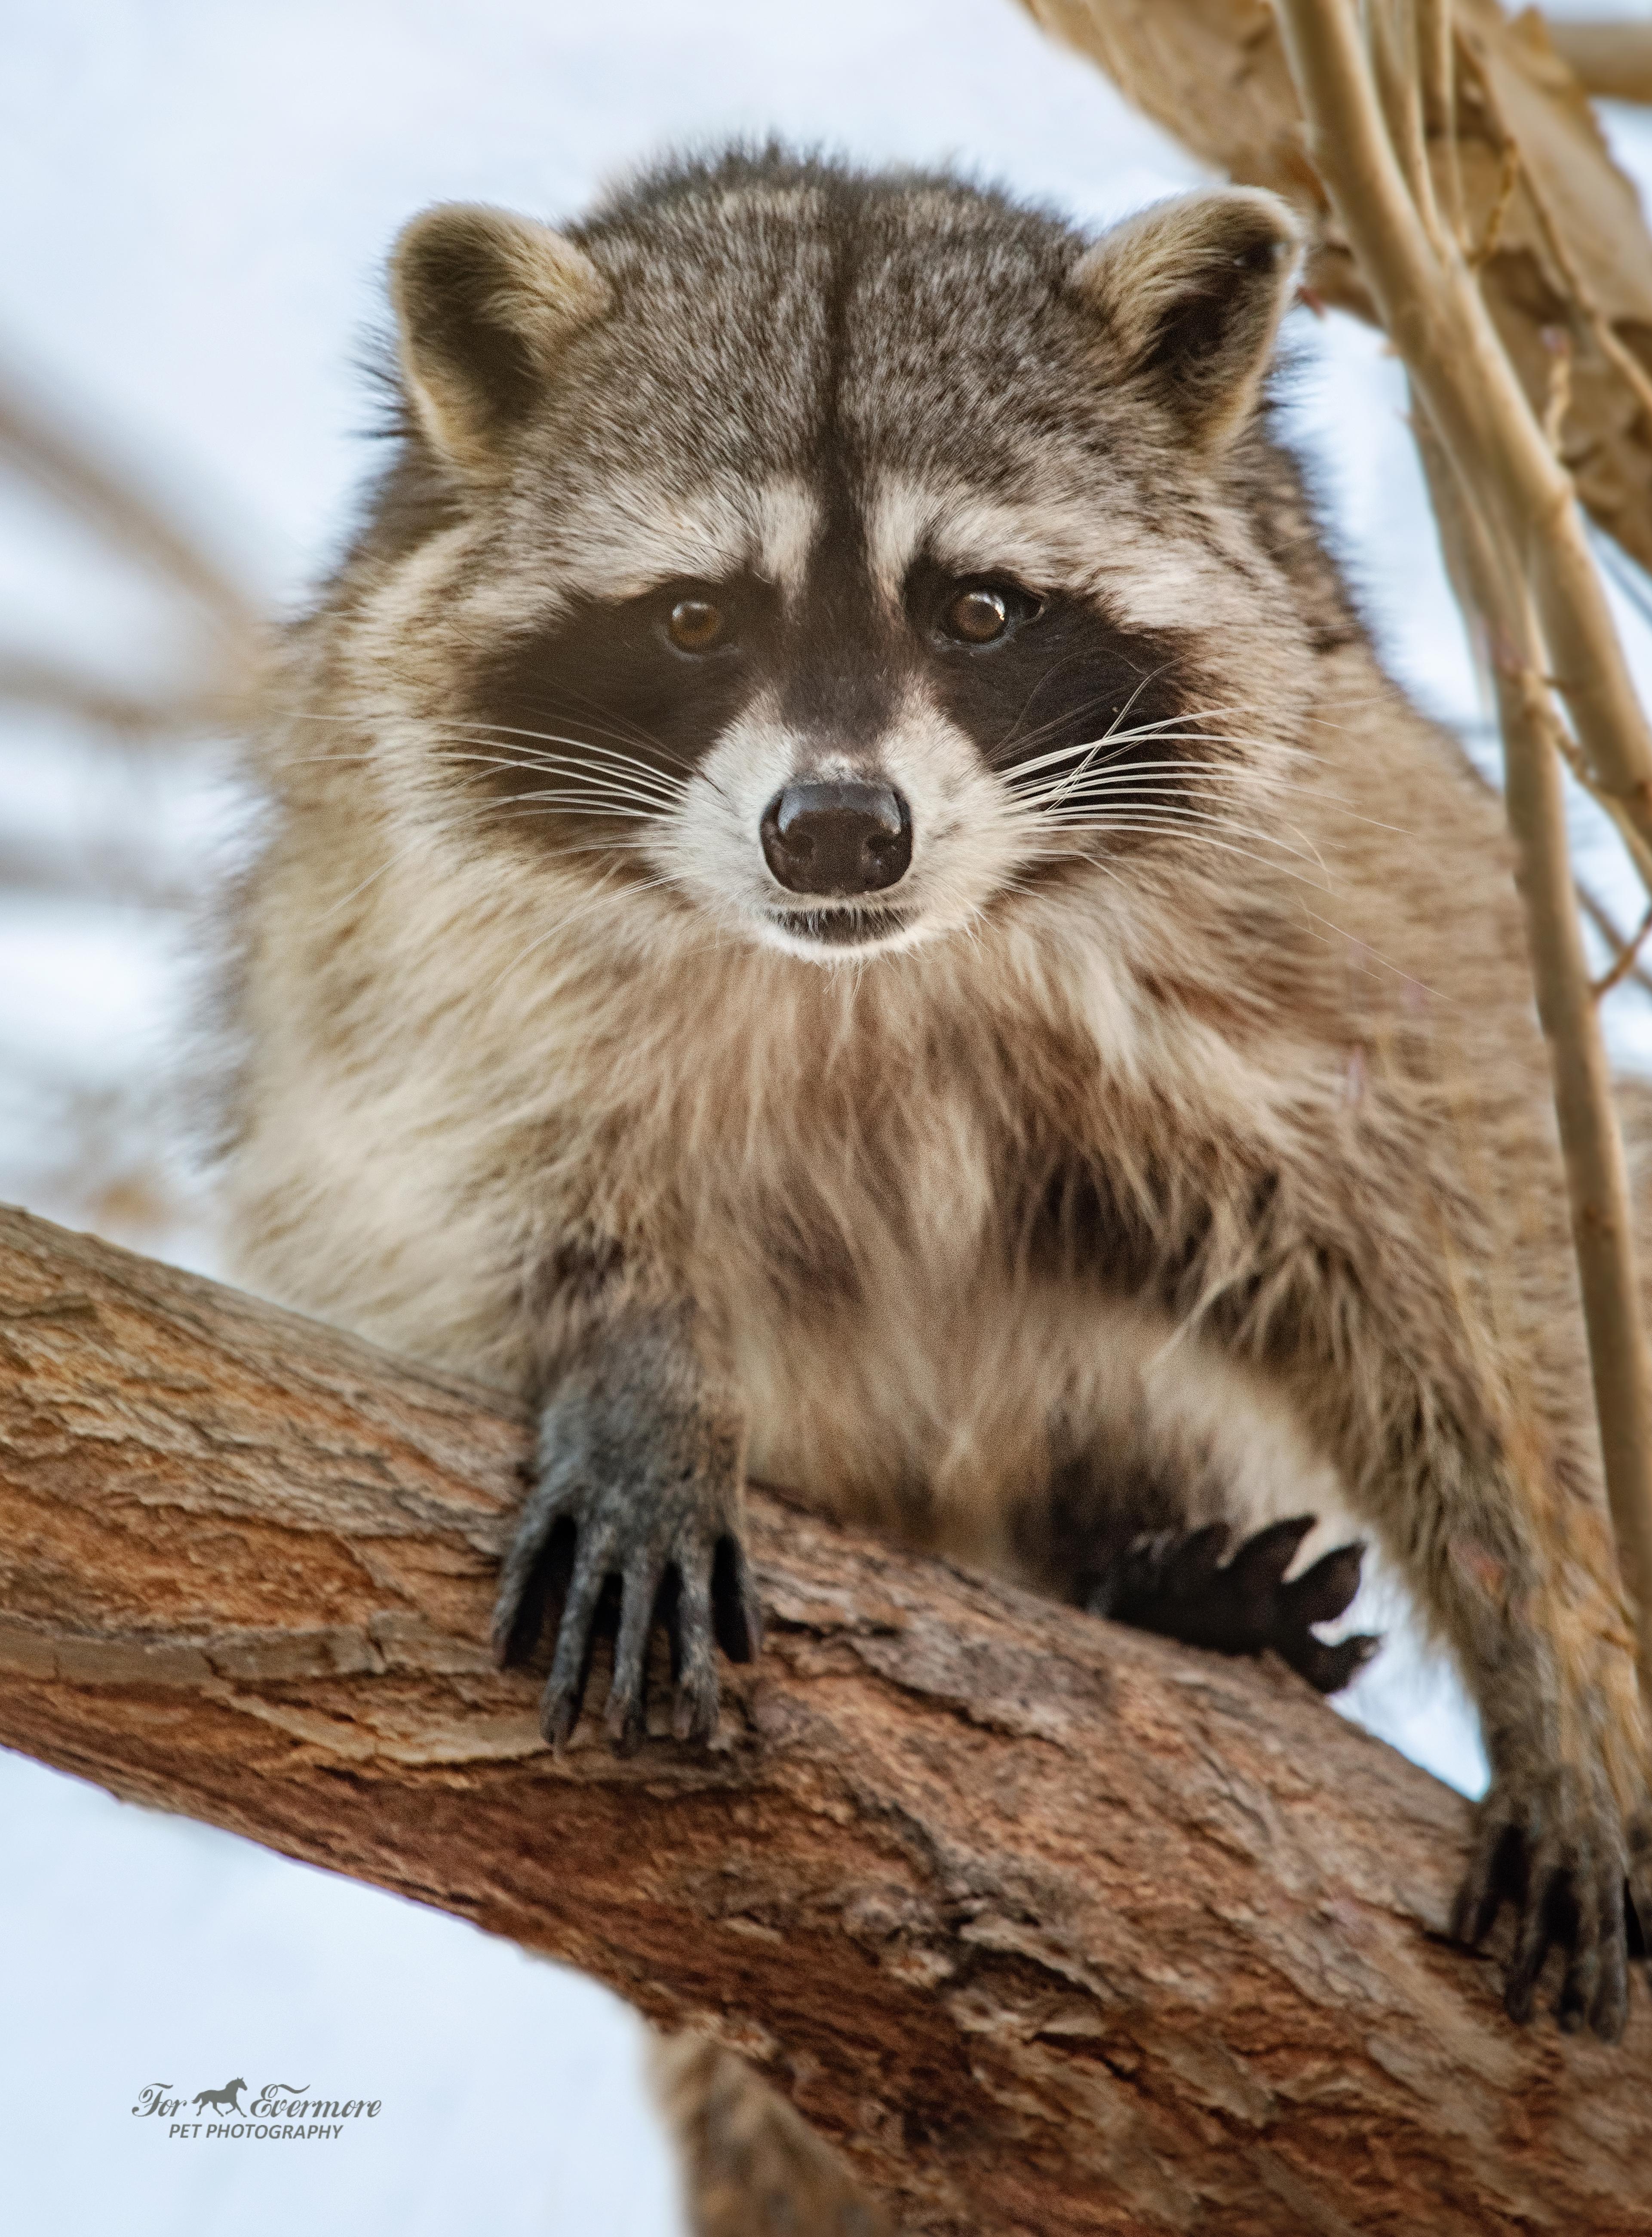 Raccoon posing in tree